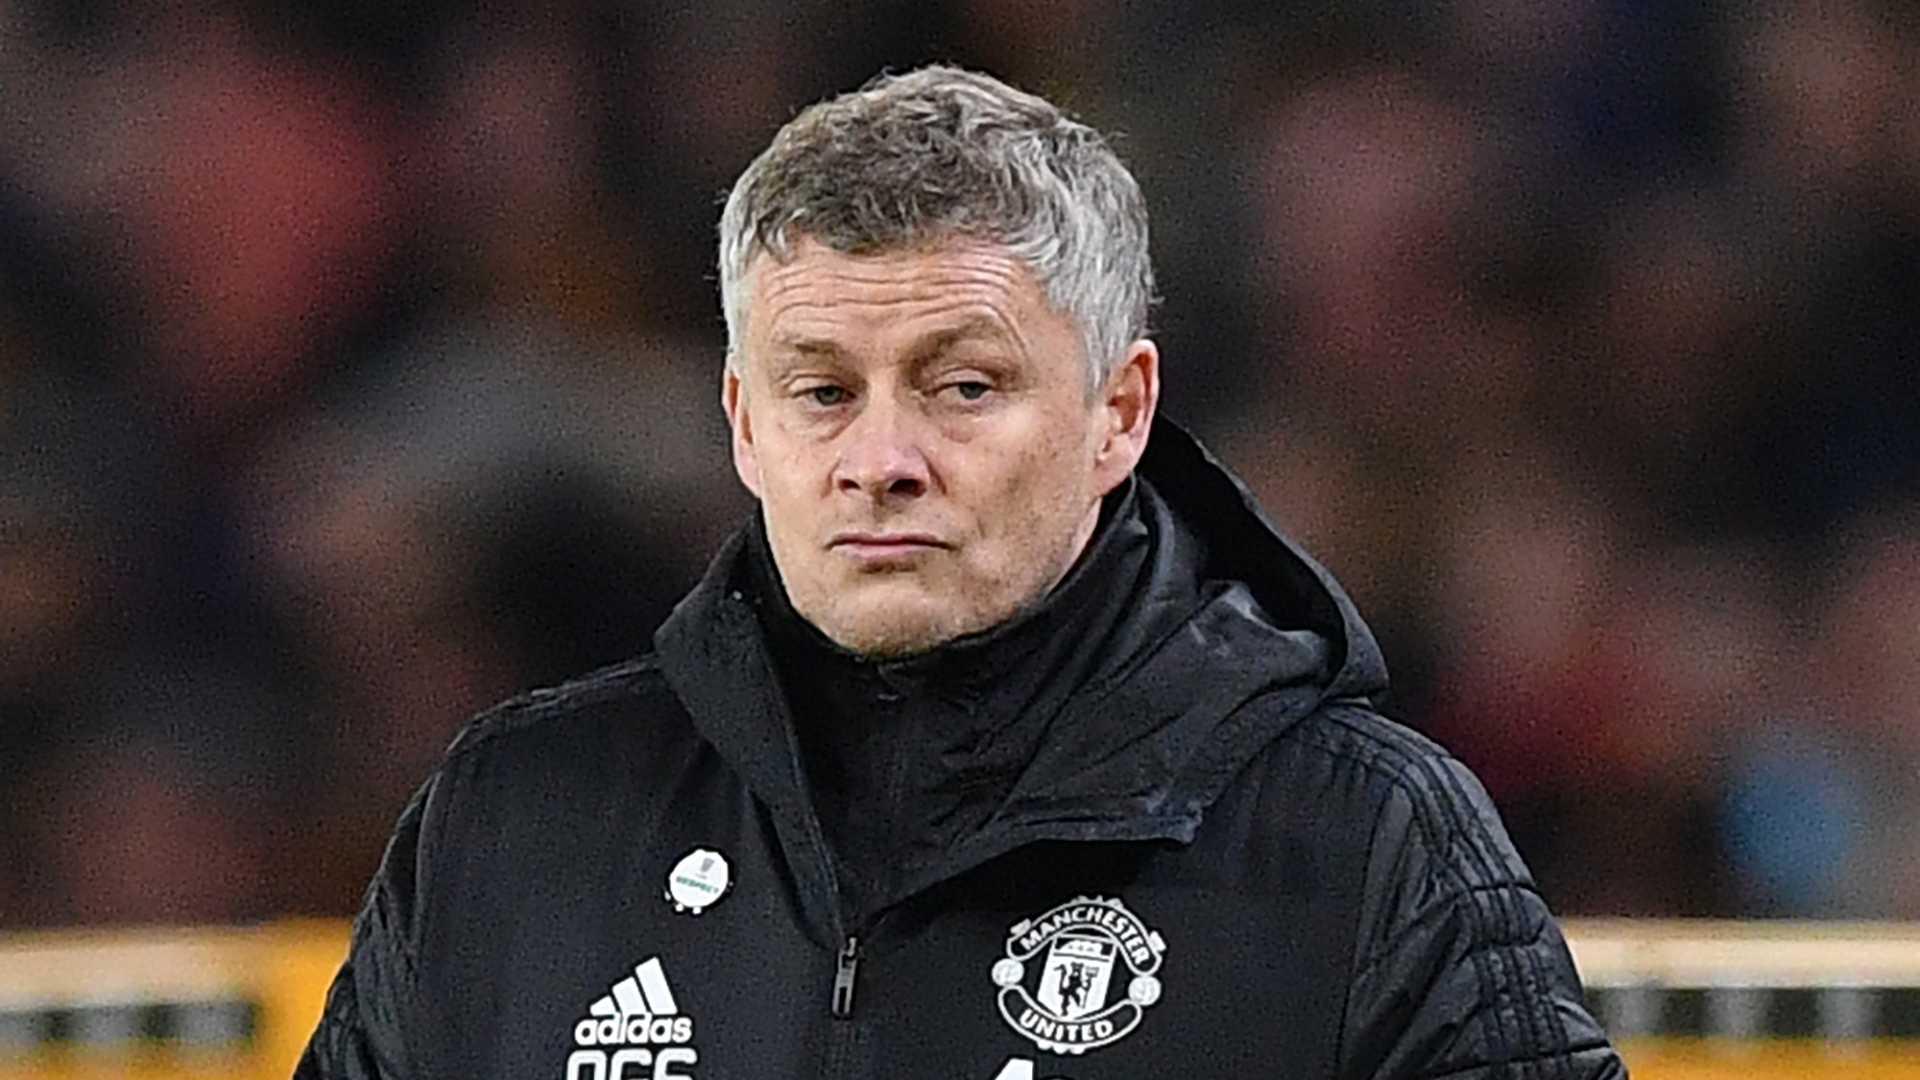 """Manchester City, Guardiola : """"Je préfère jouer au golf qu'entraîner le Real Madrid ou Manchester United"""""""